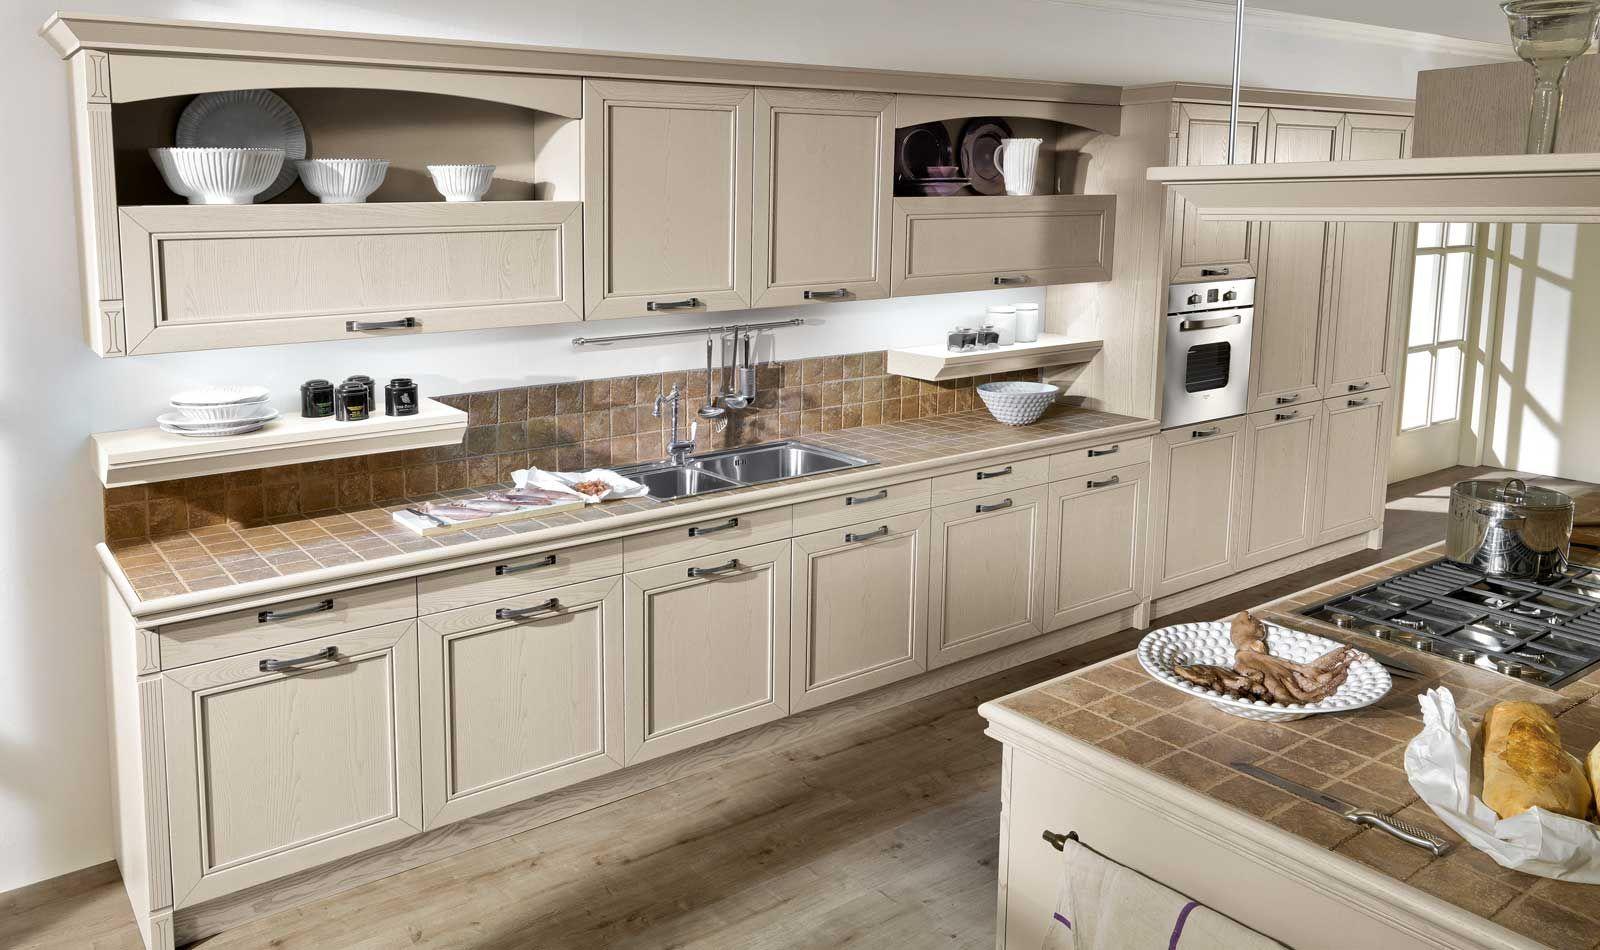 Arredo cucine moderne cucine classiche cucina cucine cucine